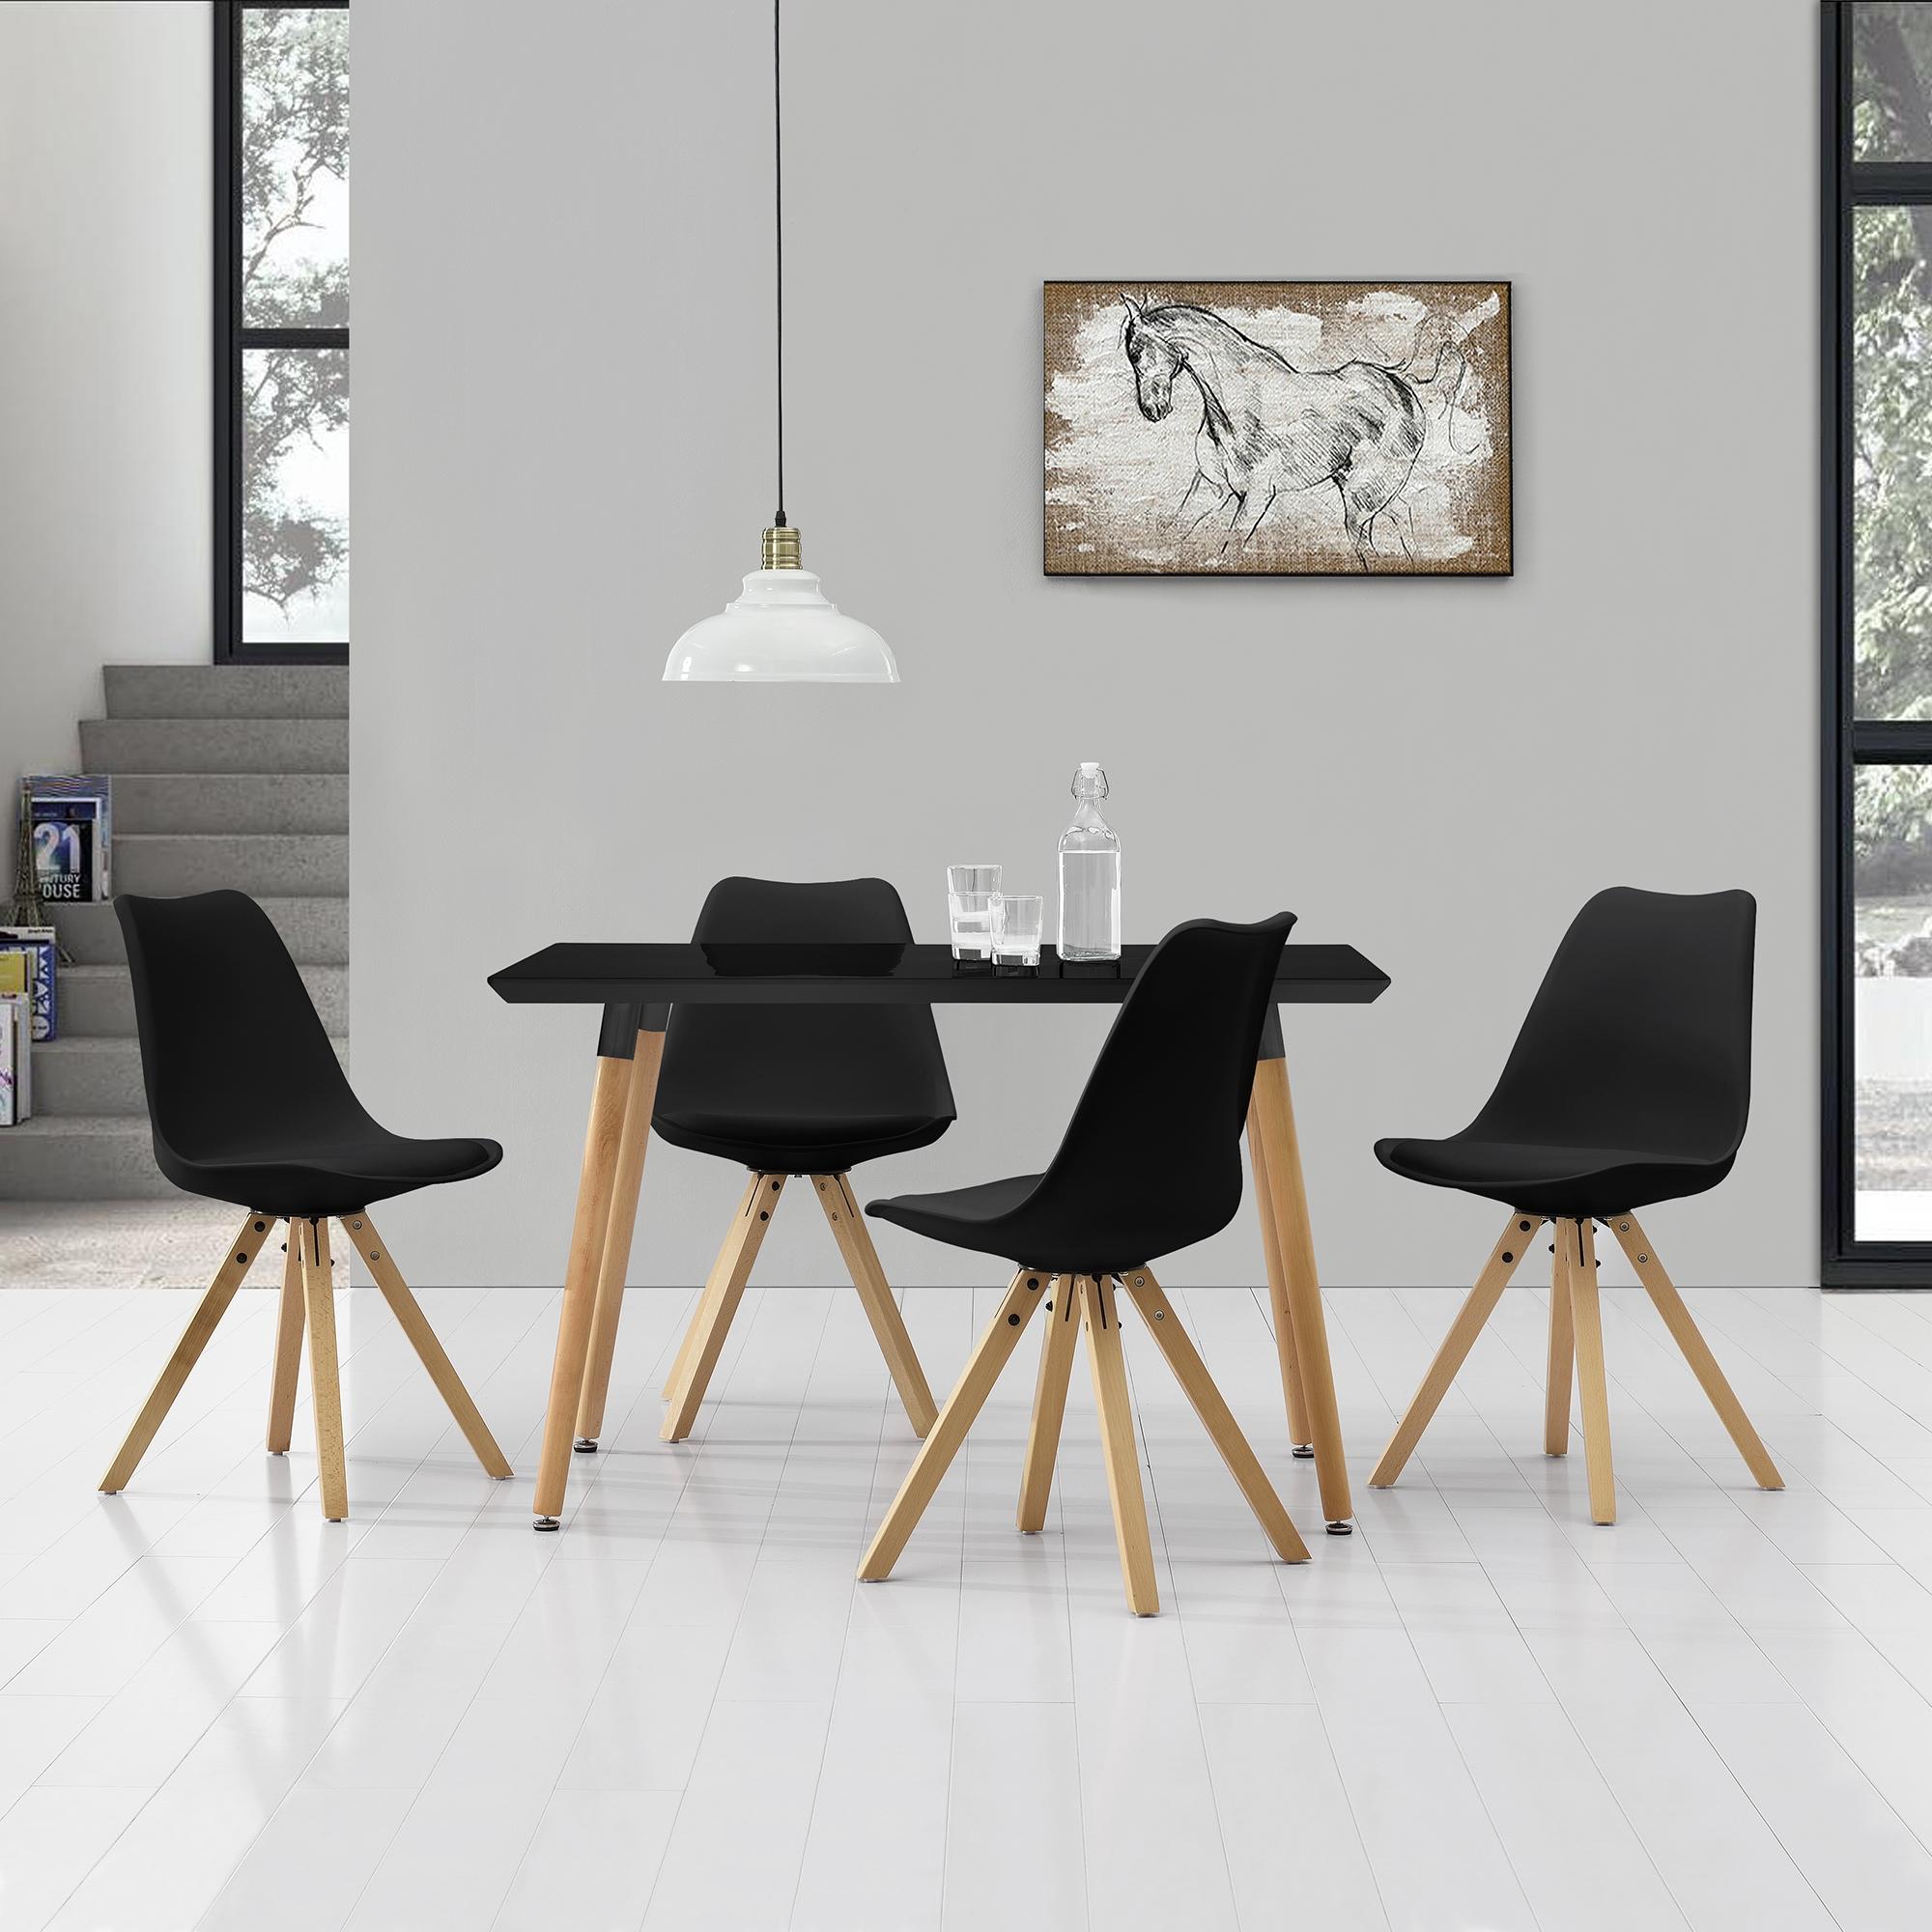 En.casa] Tavolo Da Pranzo 120x80cm Con Sedie Cucina Sala Gruppo  #8A6441 2000 2000 Sedie X Tavolo Da Pranzo